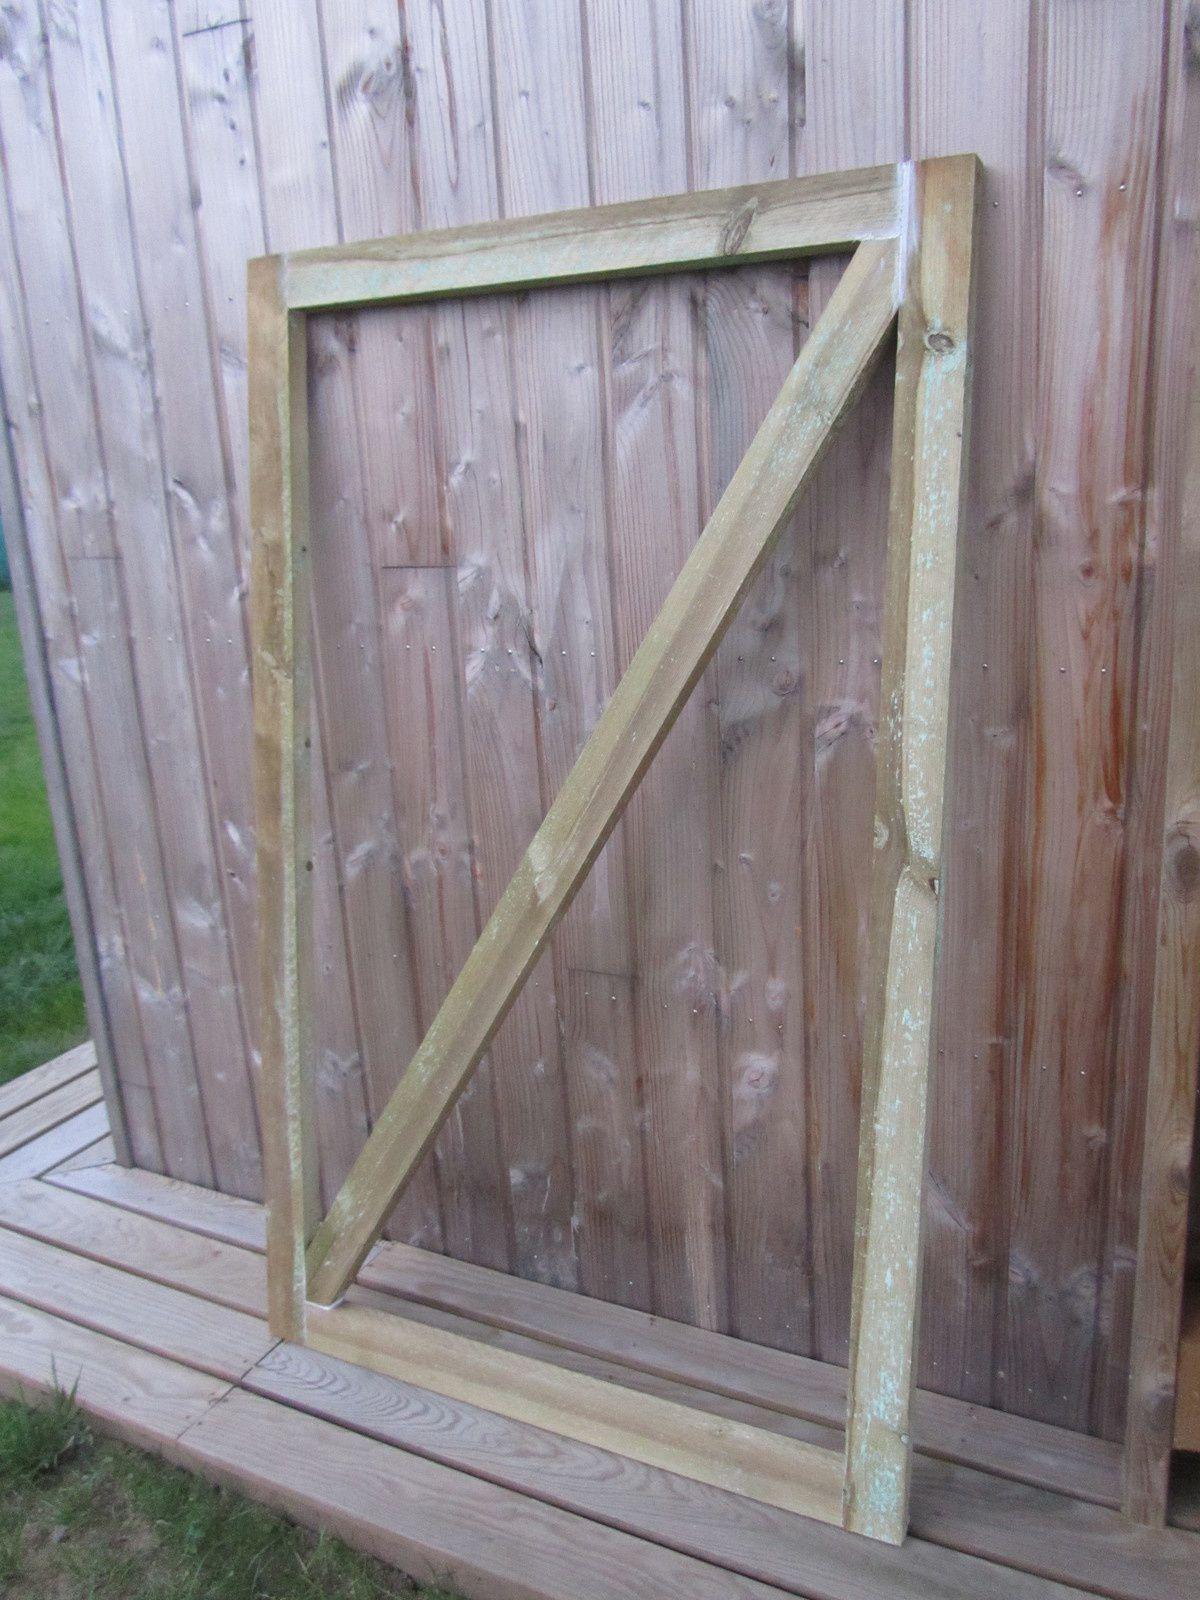 Fabriquer Un Claustra Bois comment fabriquer un portail en bois - maison-paille